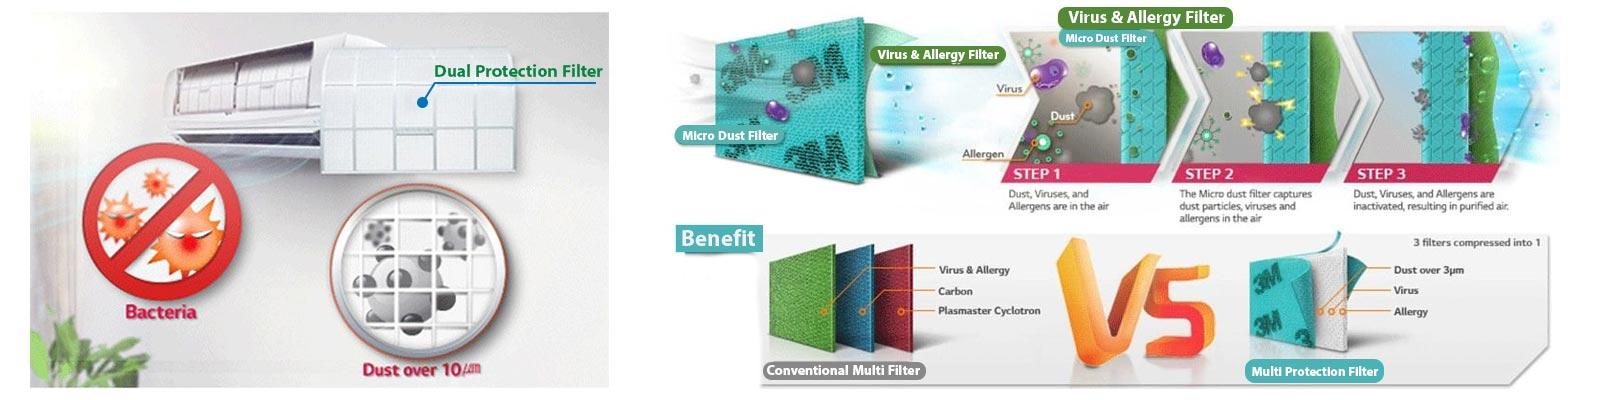 فیلتر 30000 دیسی اینورتر ال جی تمیز کنندگی آسان و سریع کولر گازی 30 هزار نکست پلاس